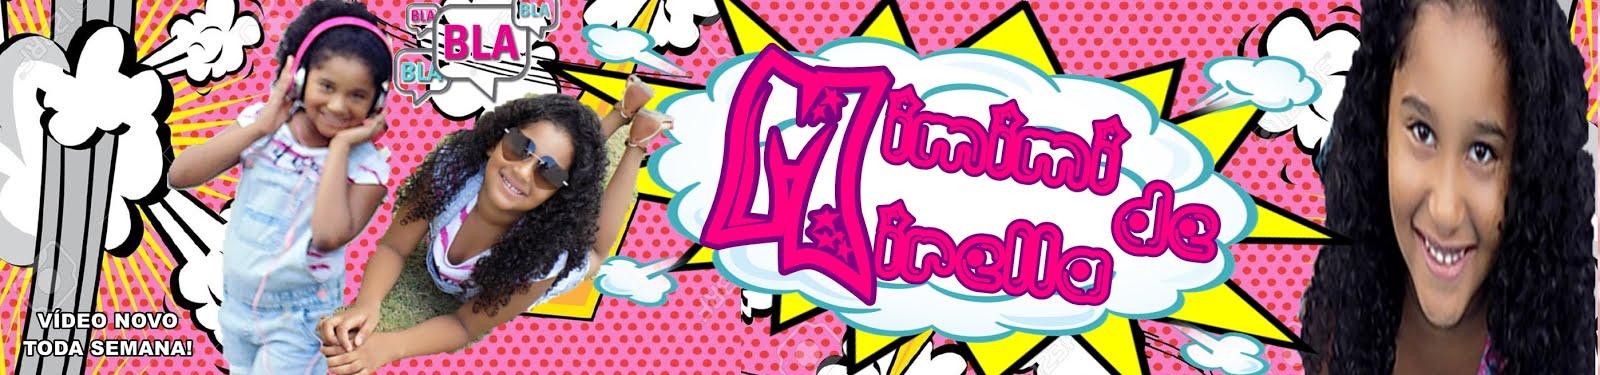 Canal Mimimi de Mirella